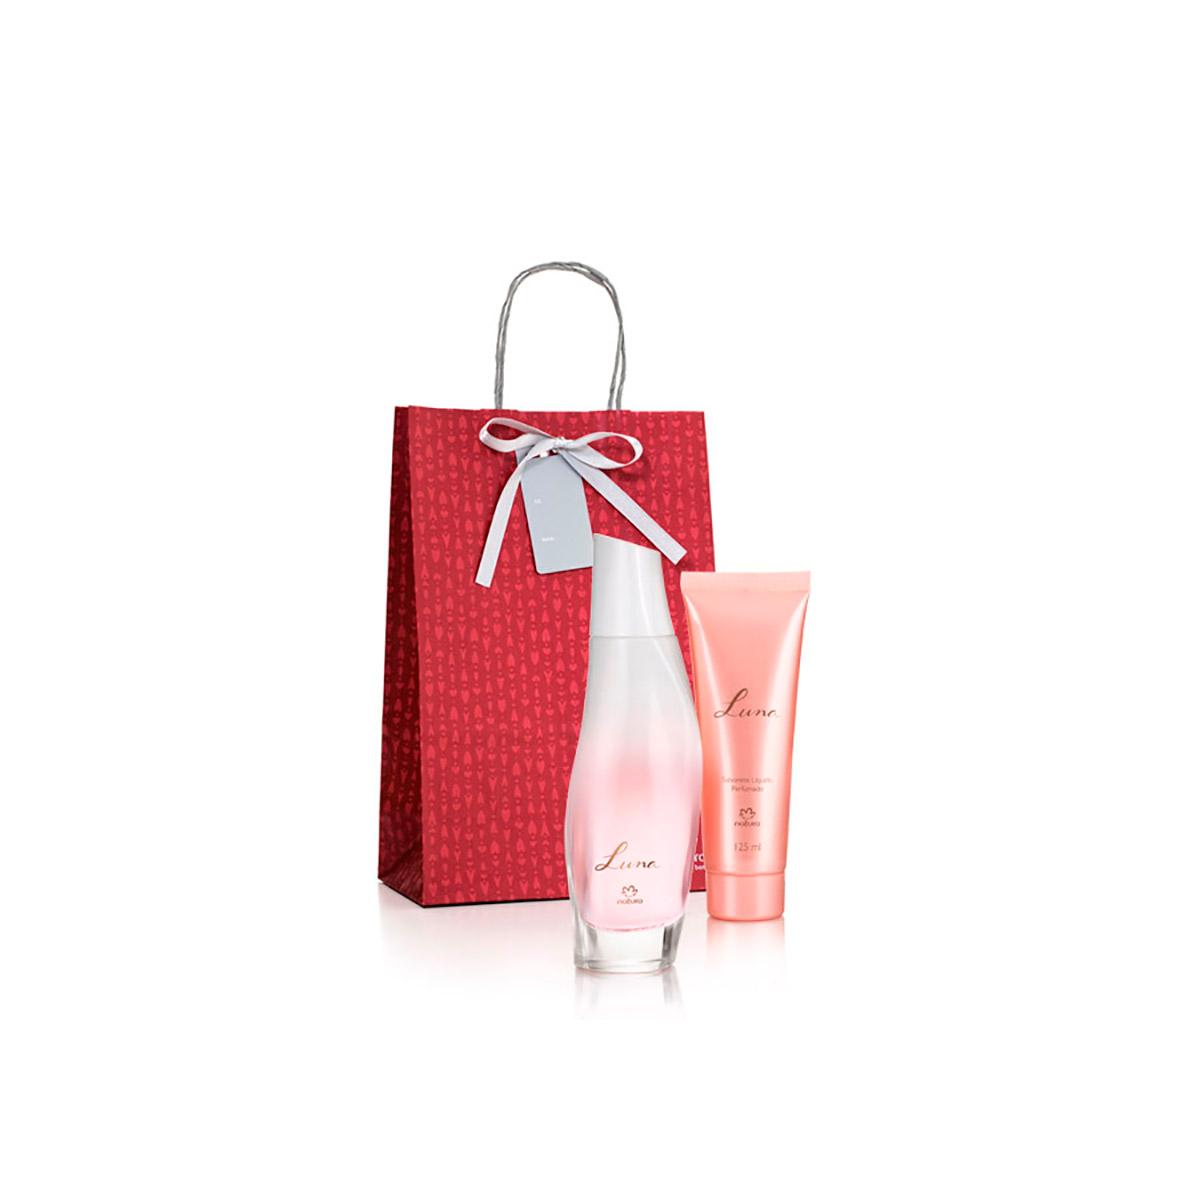 Presente Natura Luna - Desodorante Colônia + Sabonete Líquido + Embalagem - 78402